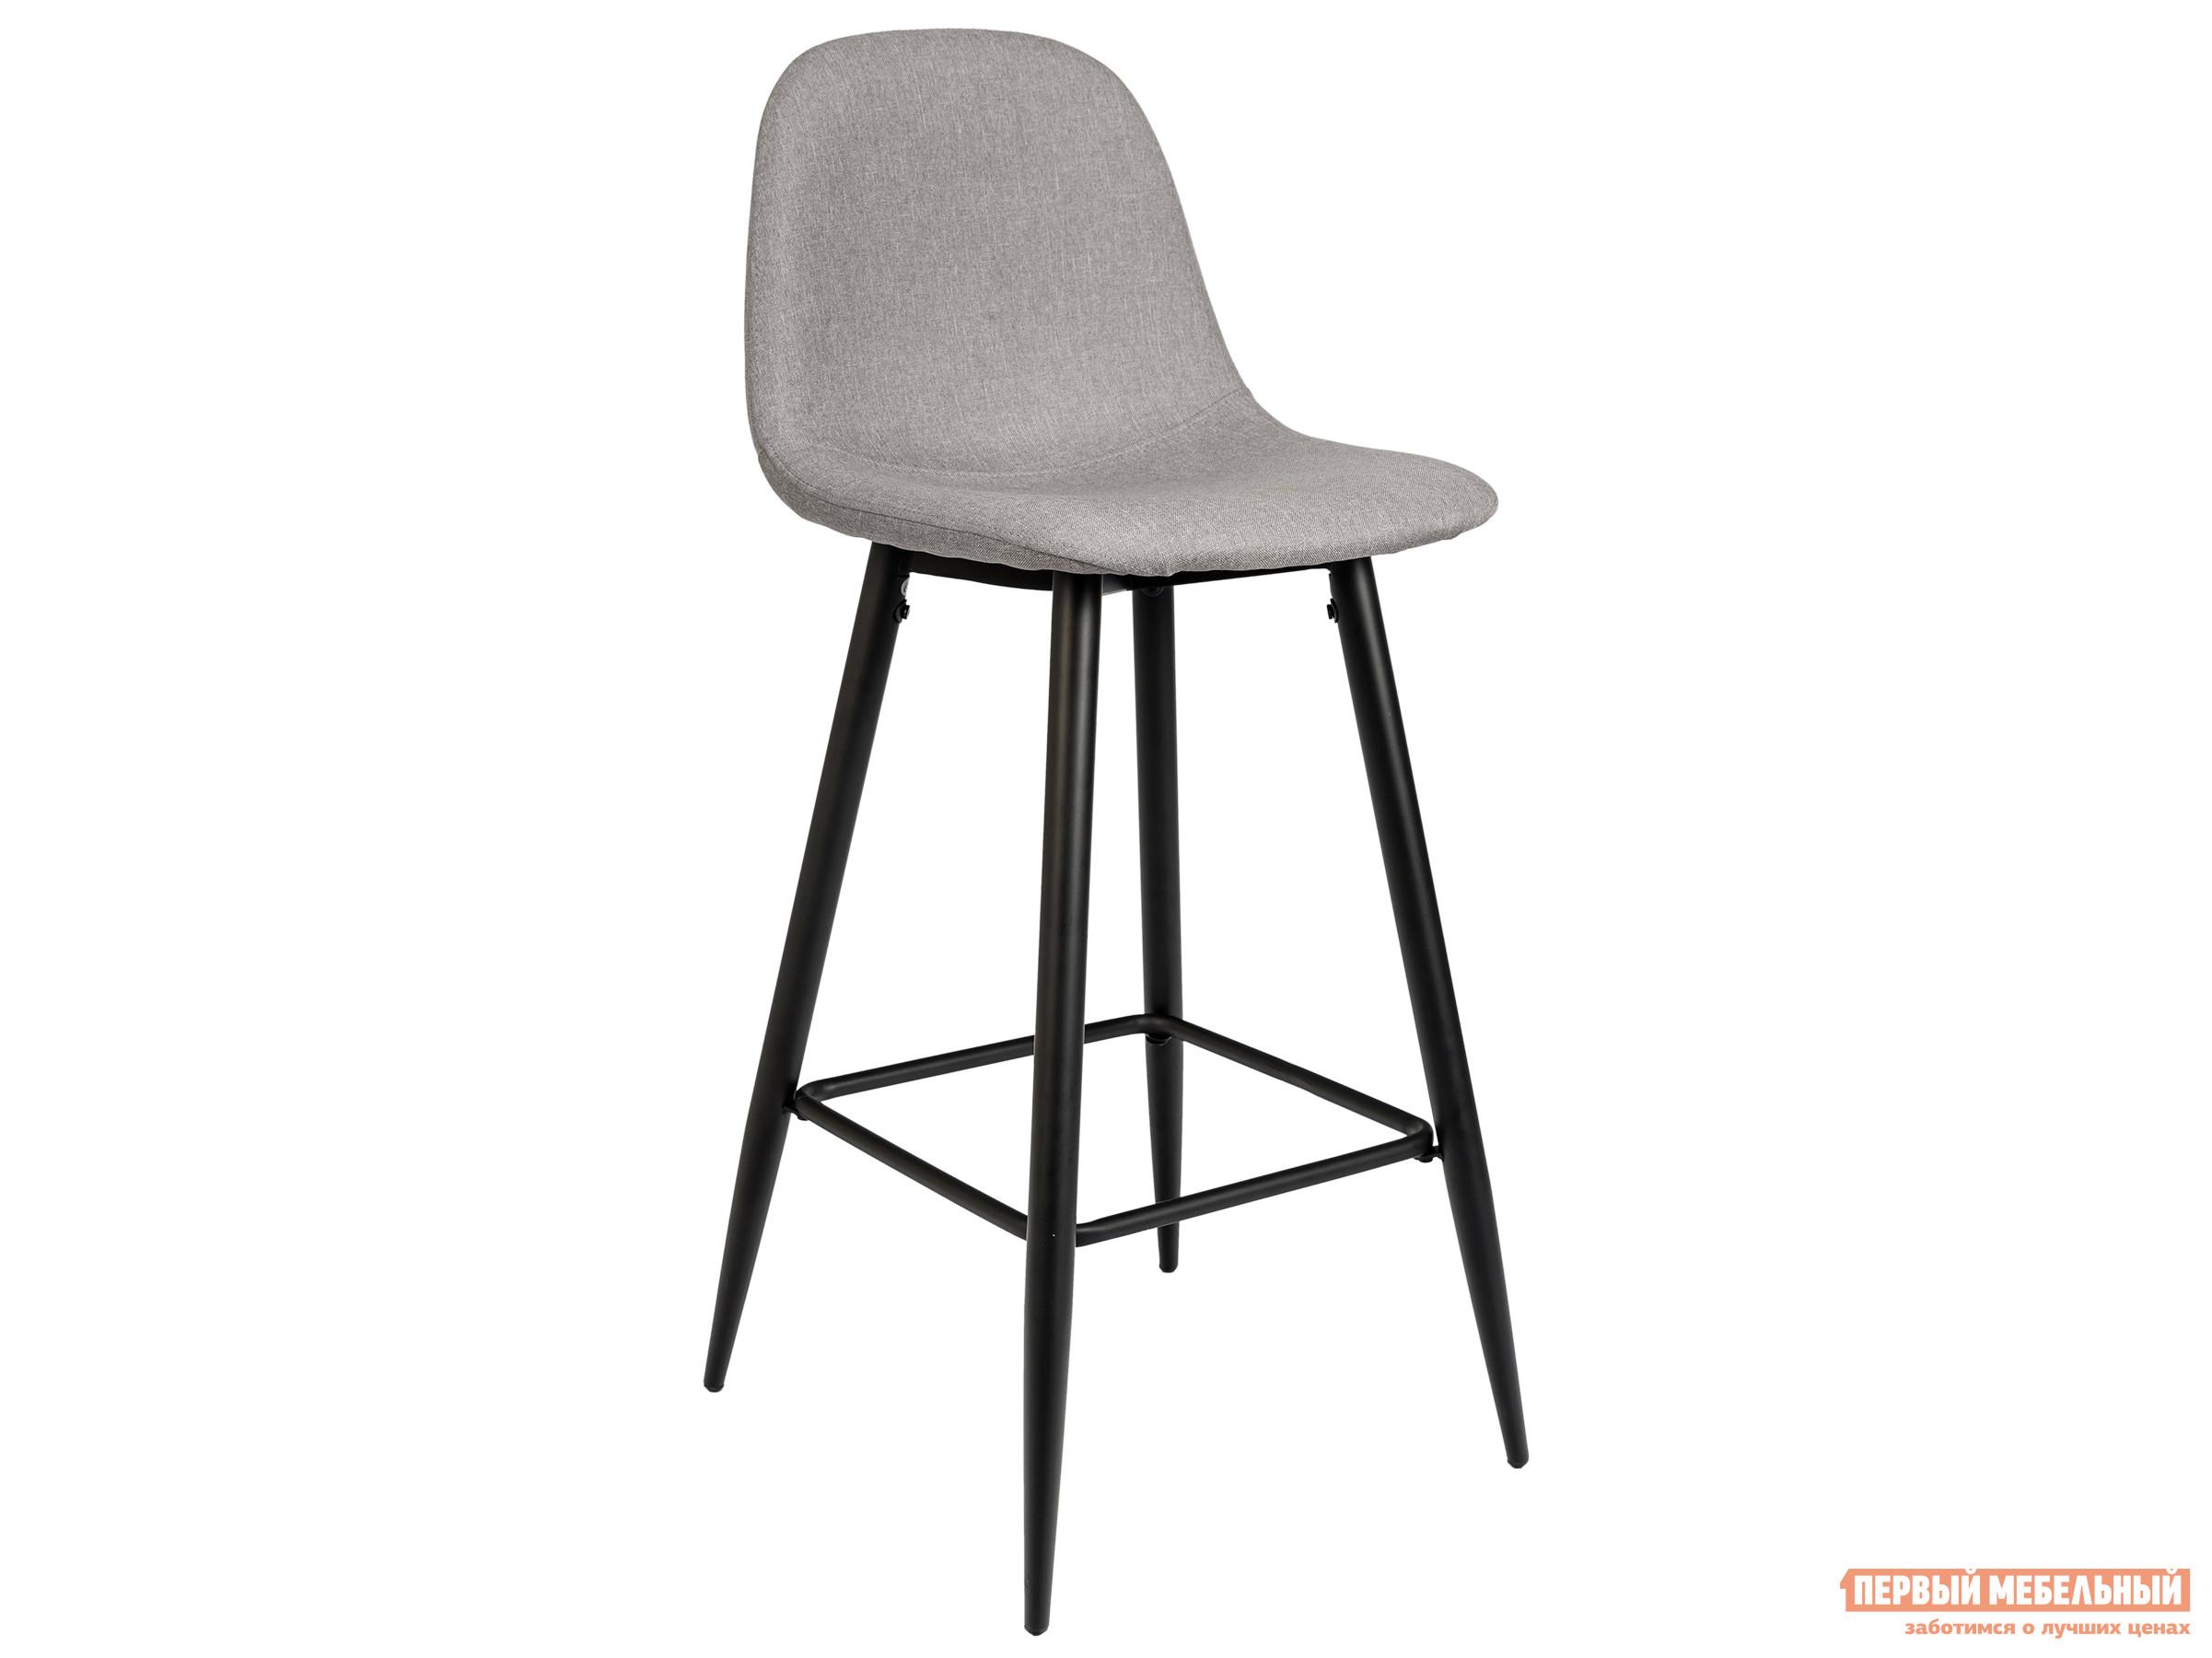 Барный стул STOOL GROUP Стул барный Валенсия Серый от Купистол